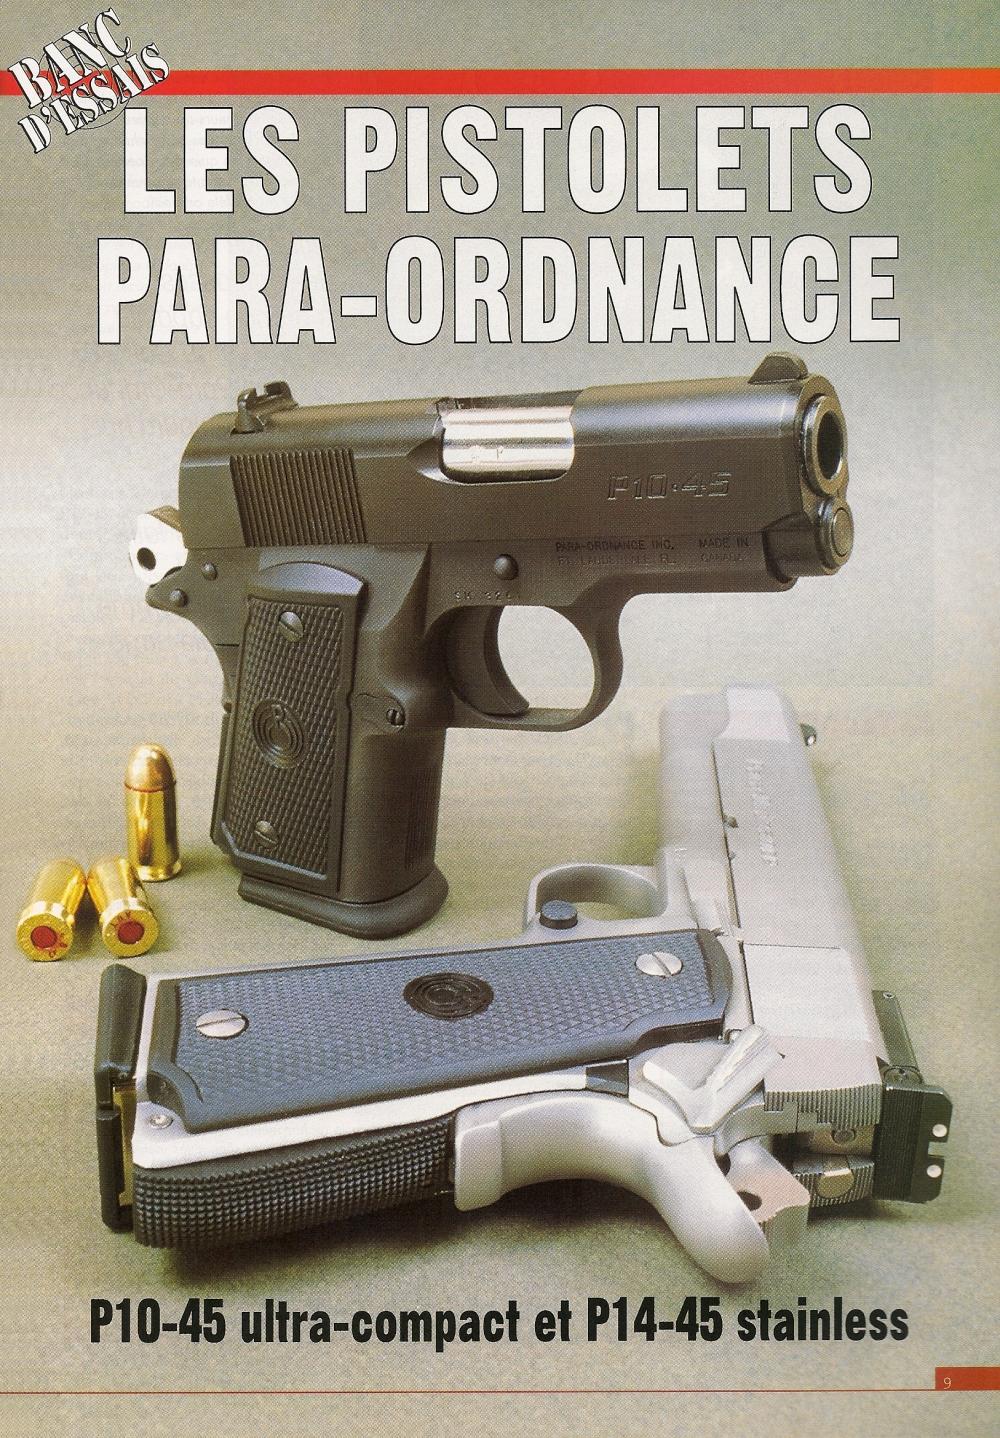 Véritable modèle ultra-compact, le pistolet Para-Ordnance P10-45 constitue un back-up séduisant par son calibre .45 ACP et sa capacité de dix coups tandis que le P14-45, qui dispose d'une capacité de 14 coups, procure à 25 mètres une précision remarquable grâce à son canon de 5 pouces.